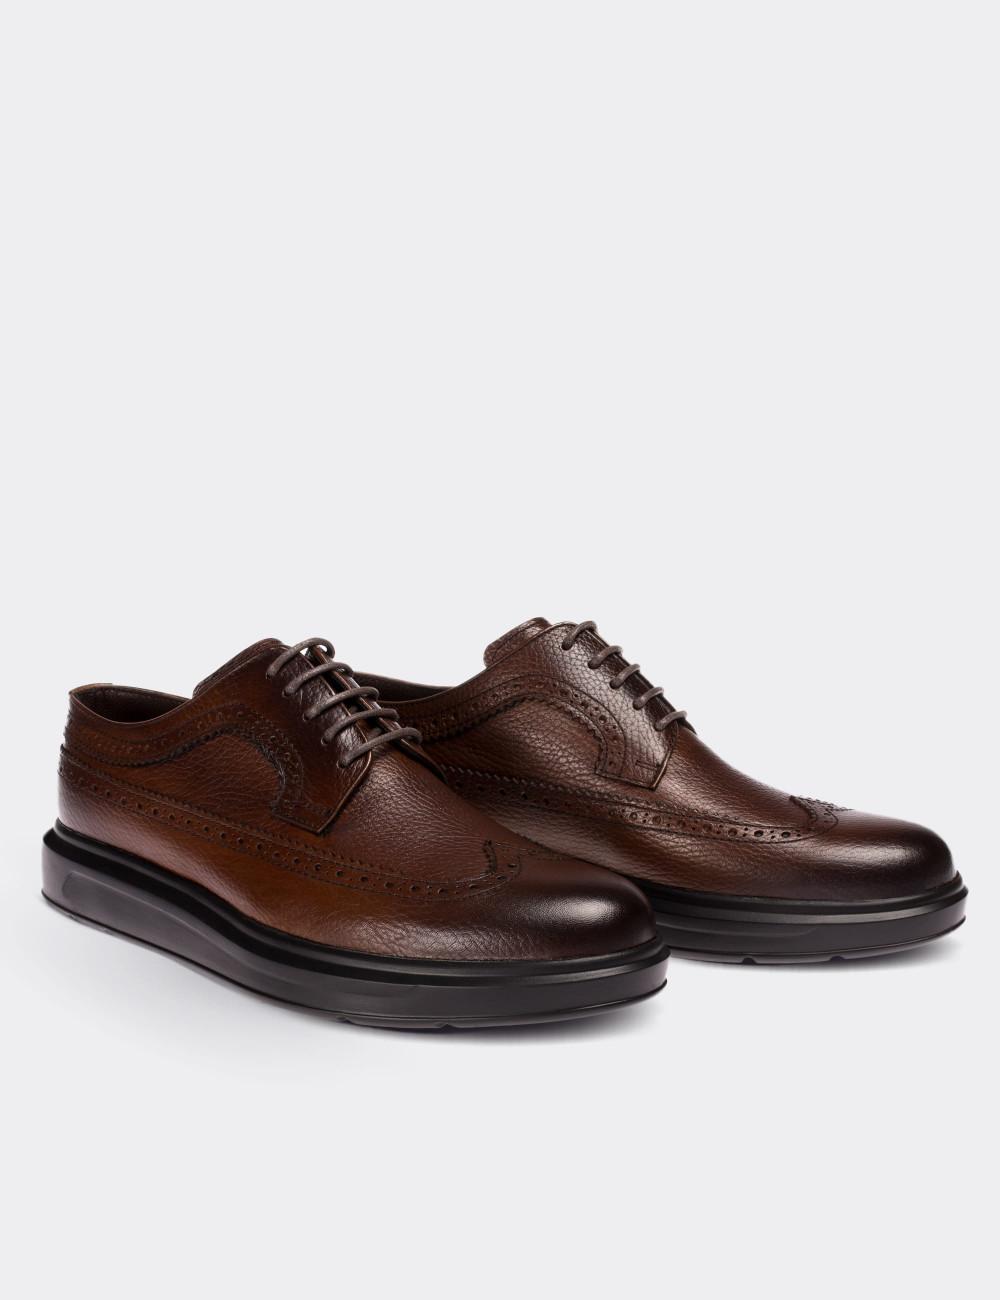 Hakiki Deri Kahverengi Comfort Günlük Erkek Ayakkabı - 01293MKHVP01